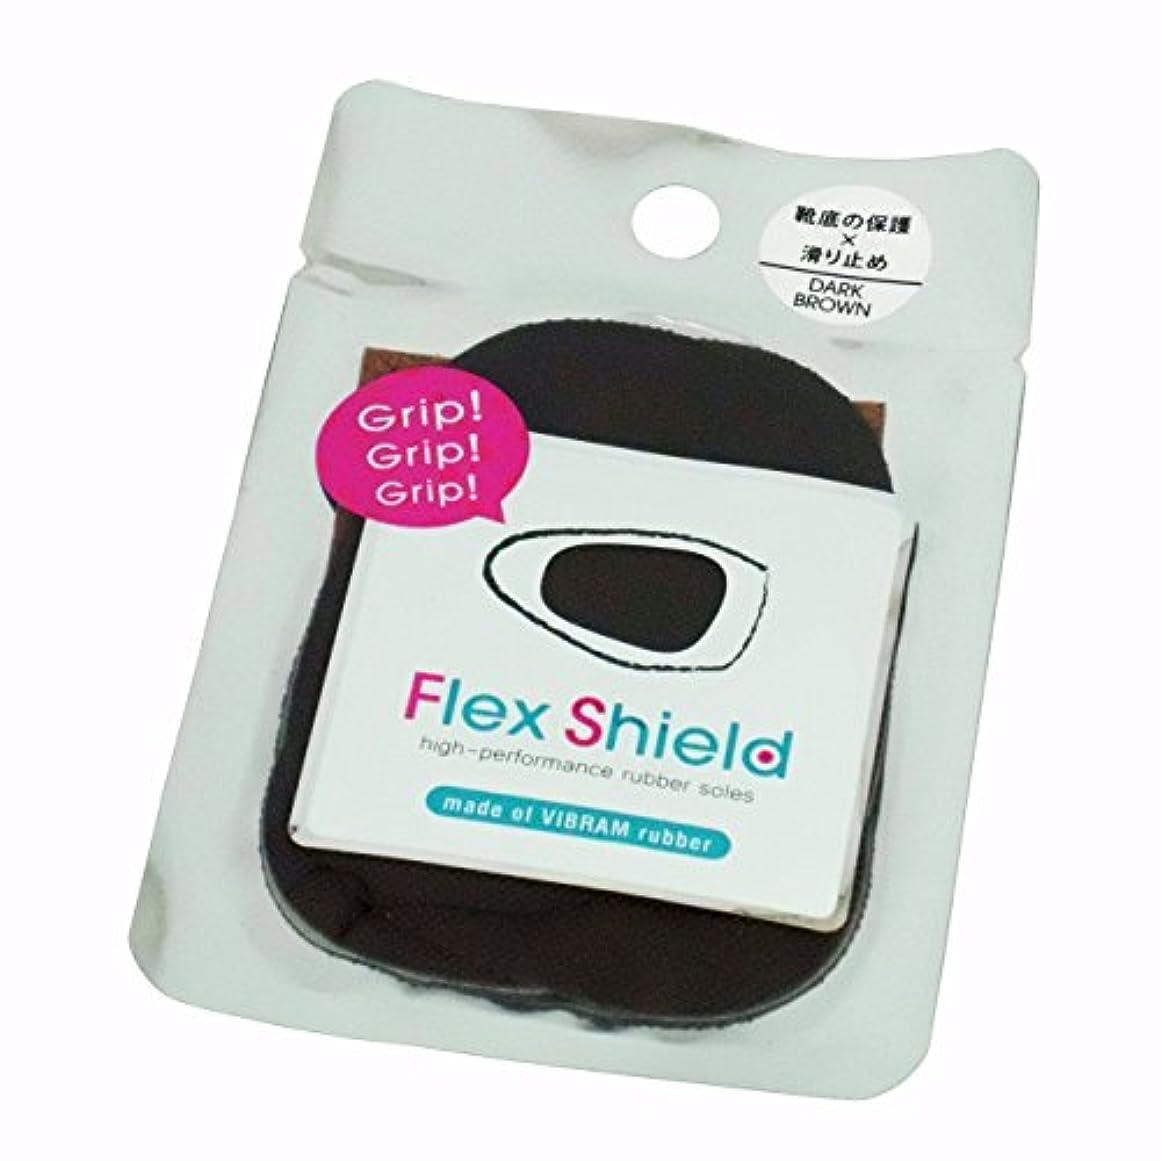 三番世界記録のギネスブックベアリングサークルフレックスシールド (flex shield) ダークブラウン